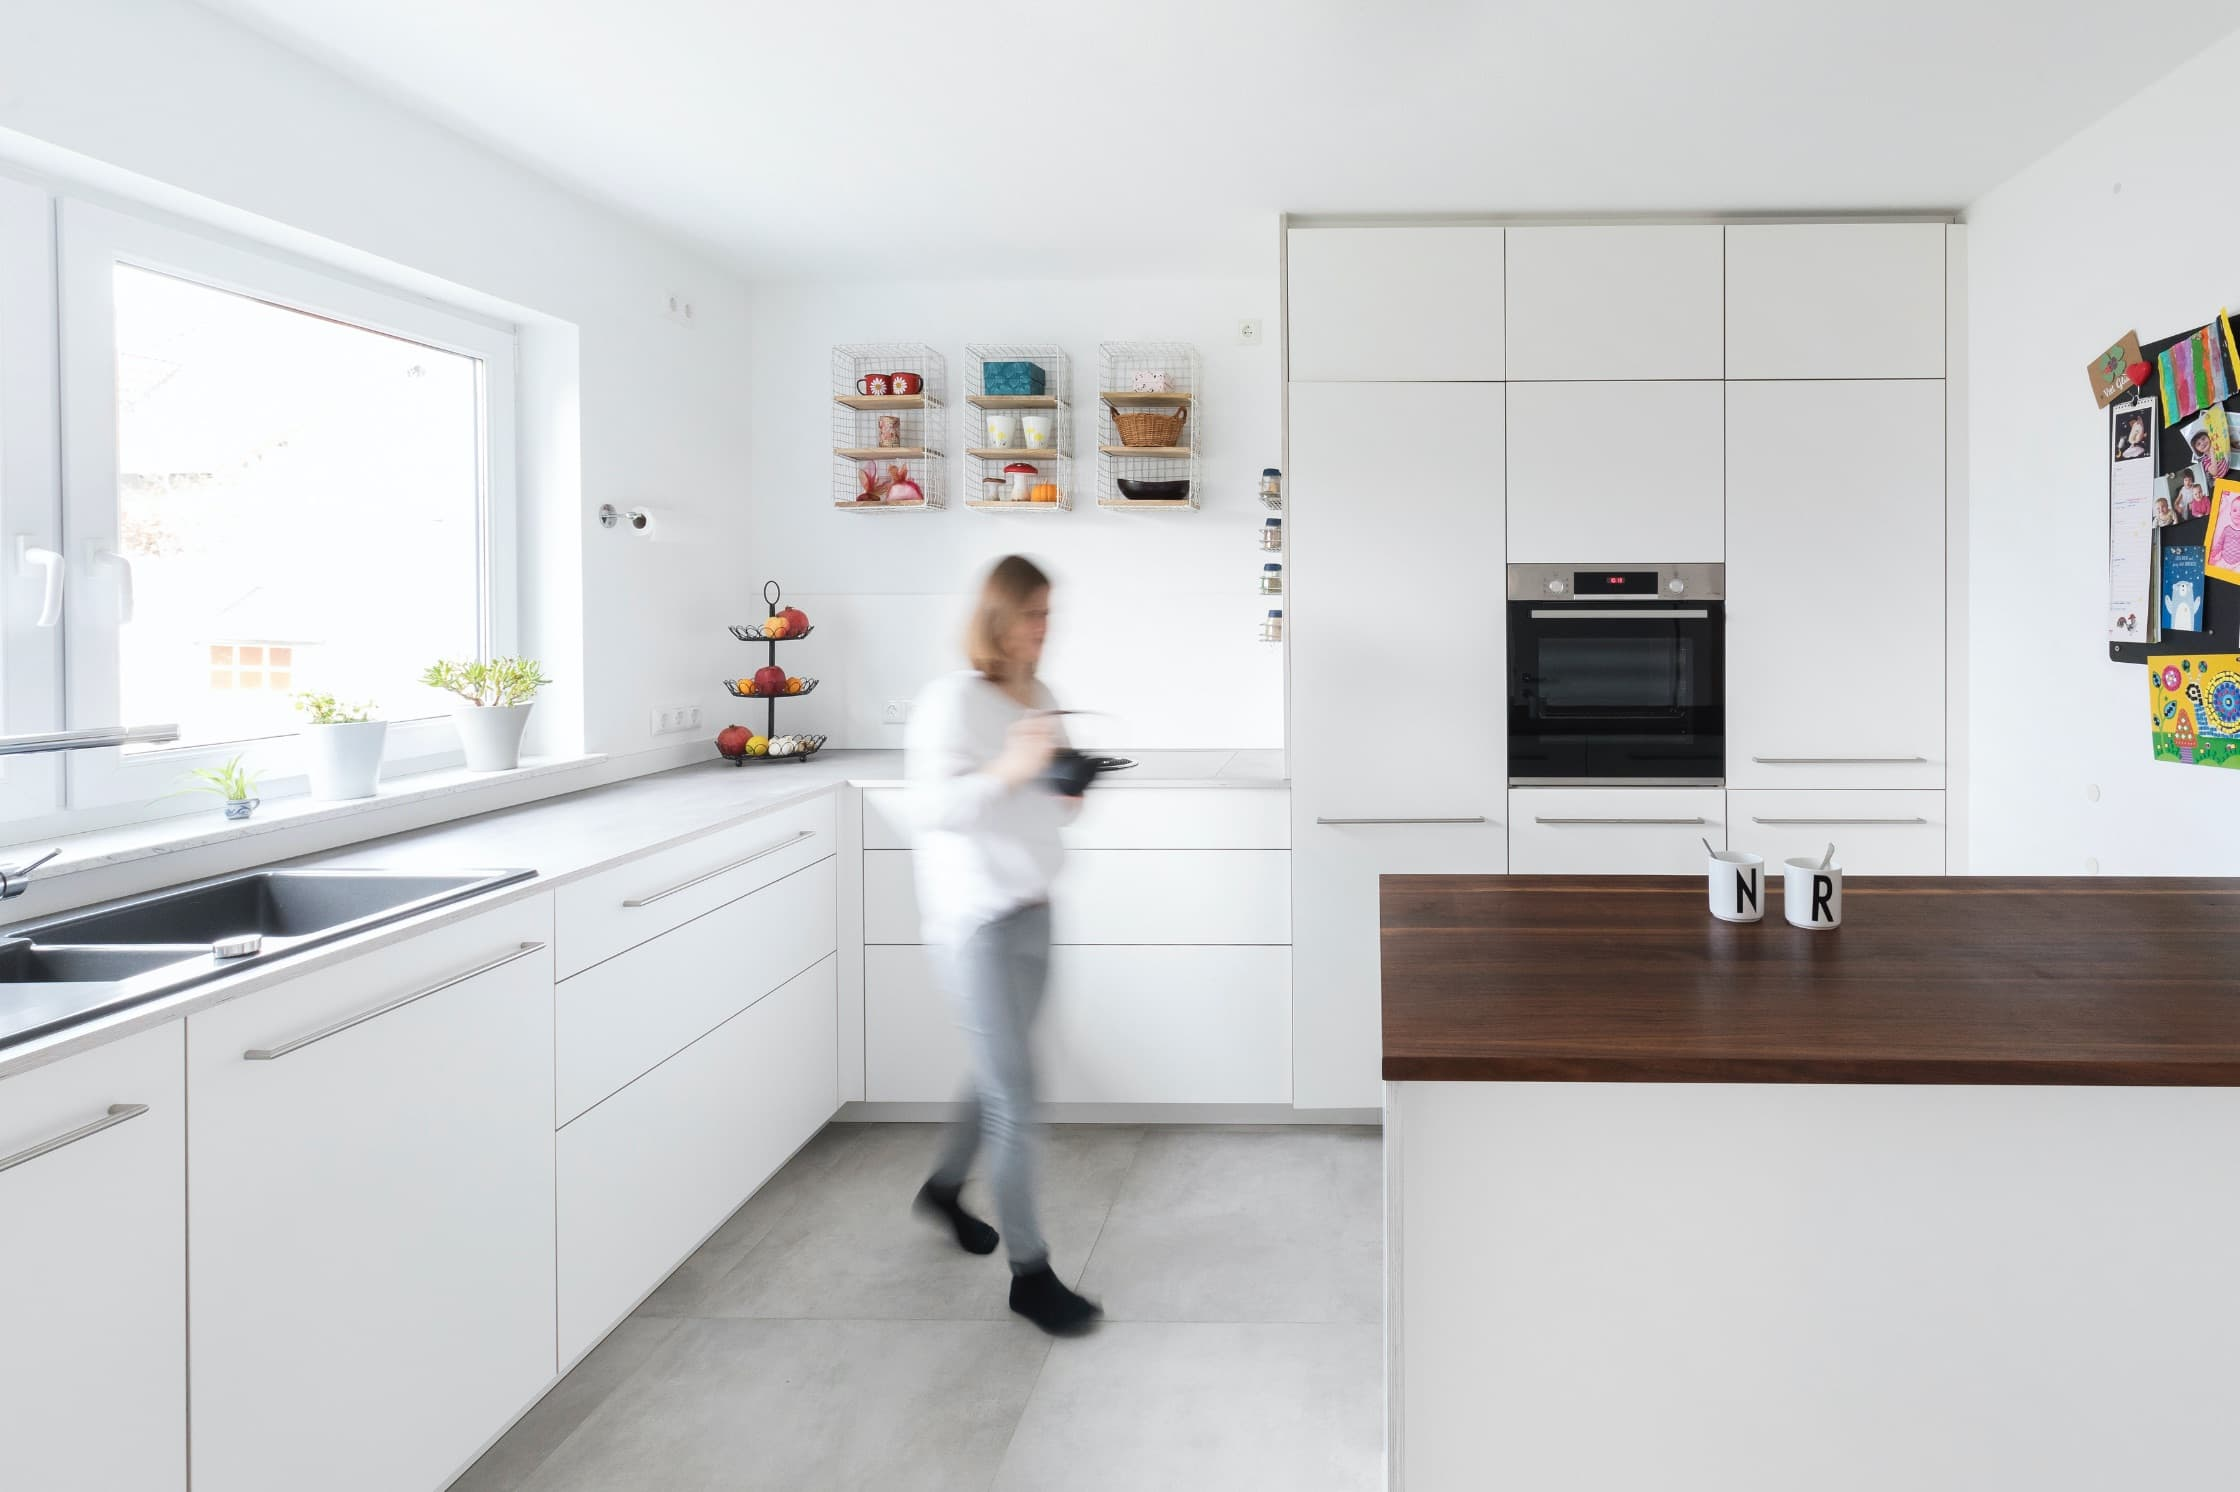 Küche des Kunden